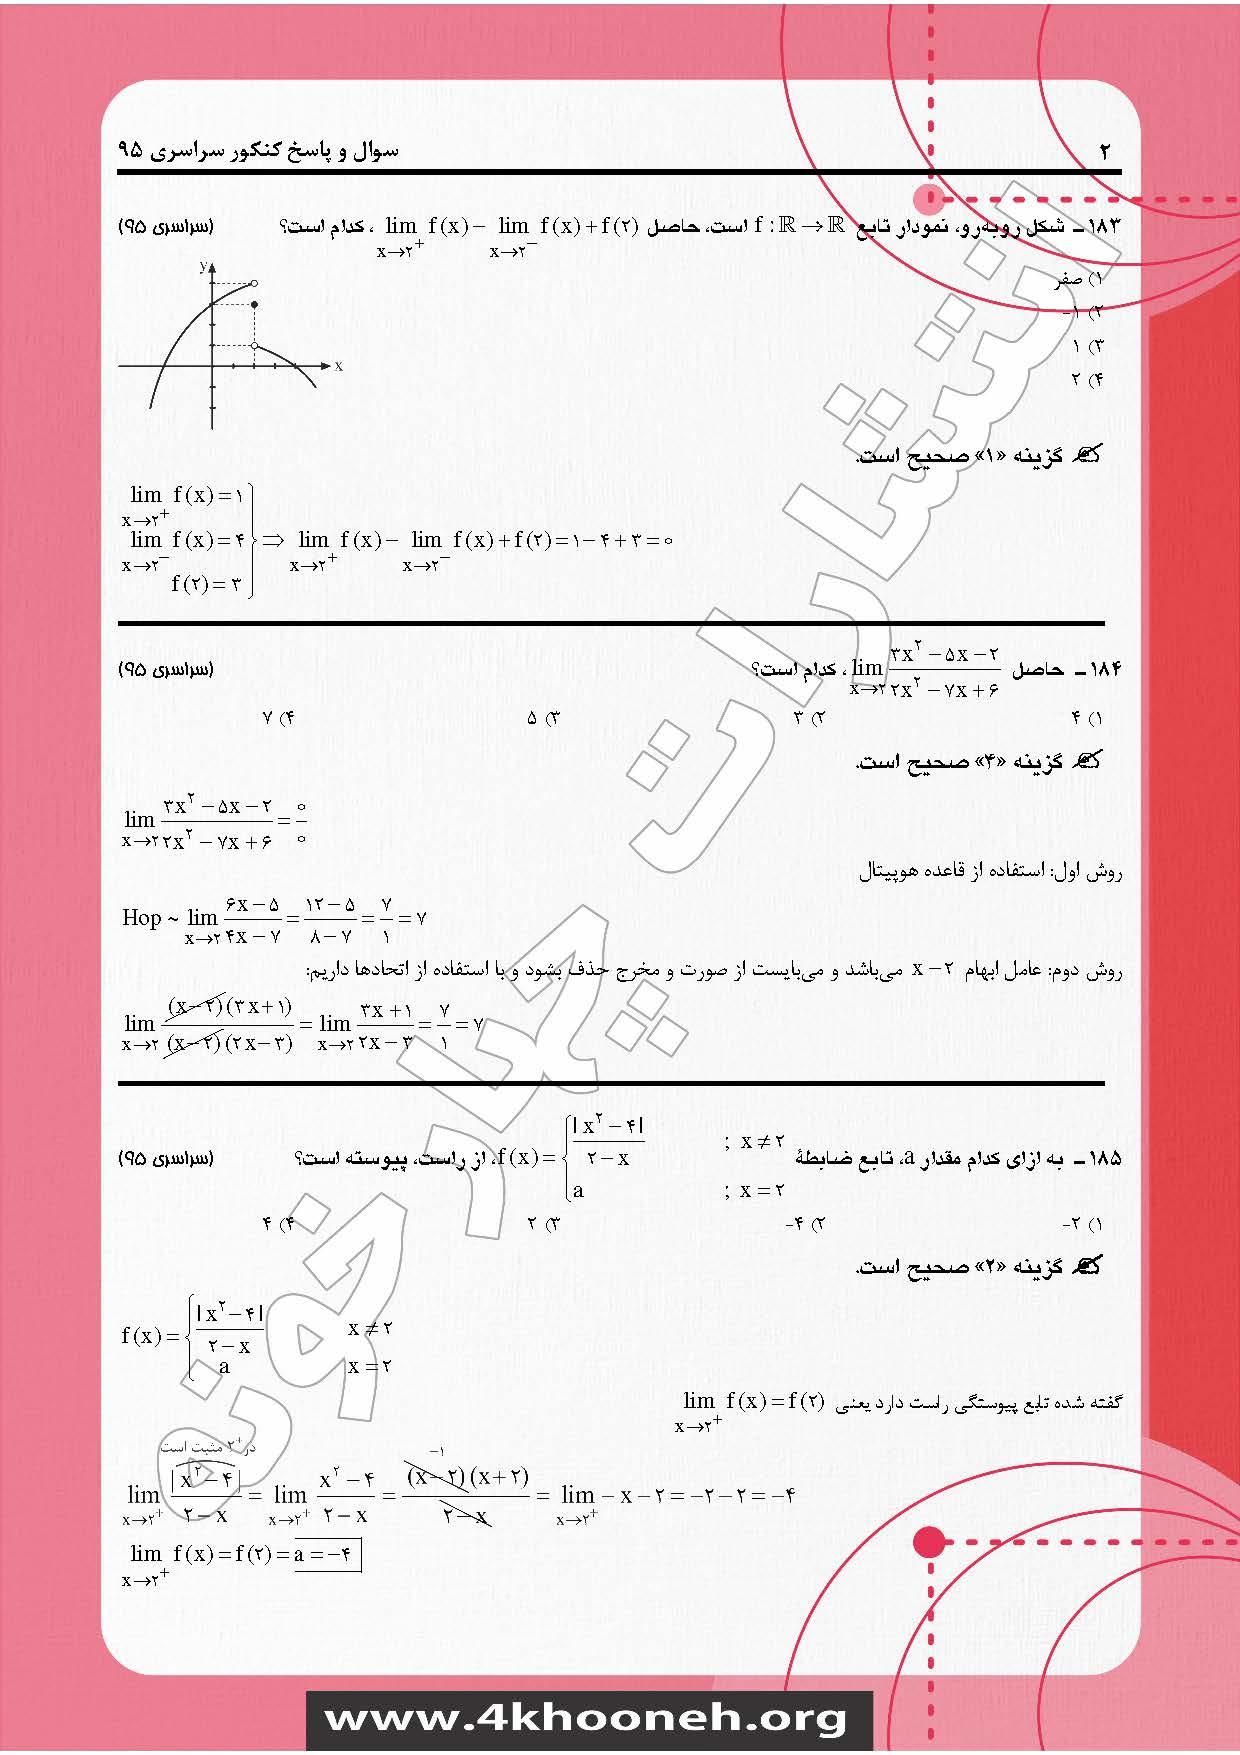 سوالات و پاسخنامه درس ریاضی 3 سال 95